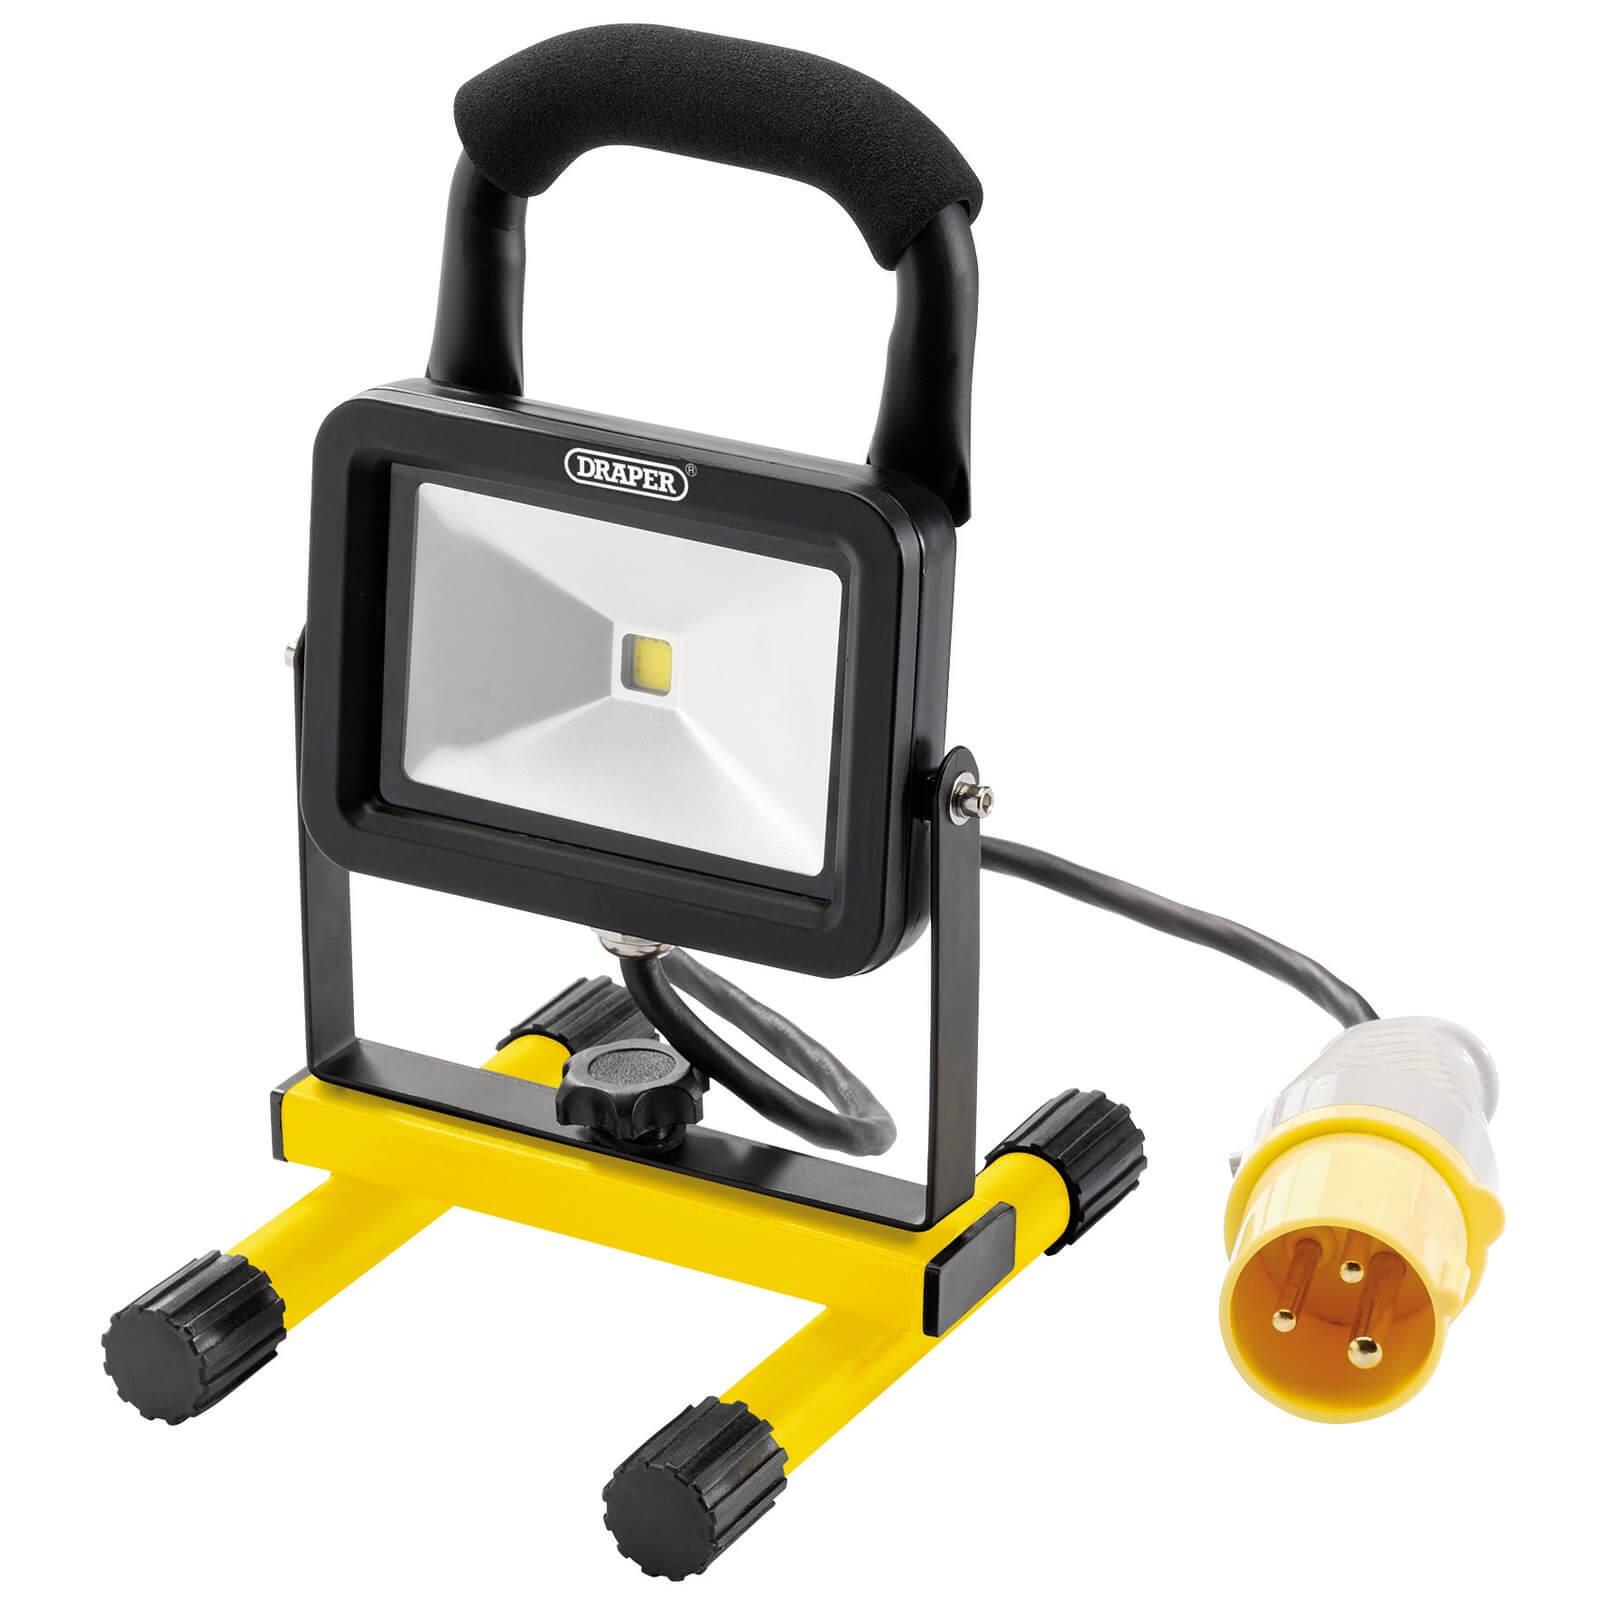 Image of Draper COB LED 10 Watt Work Light 110v